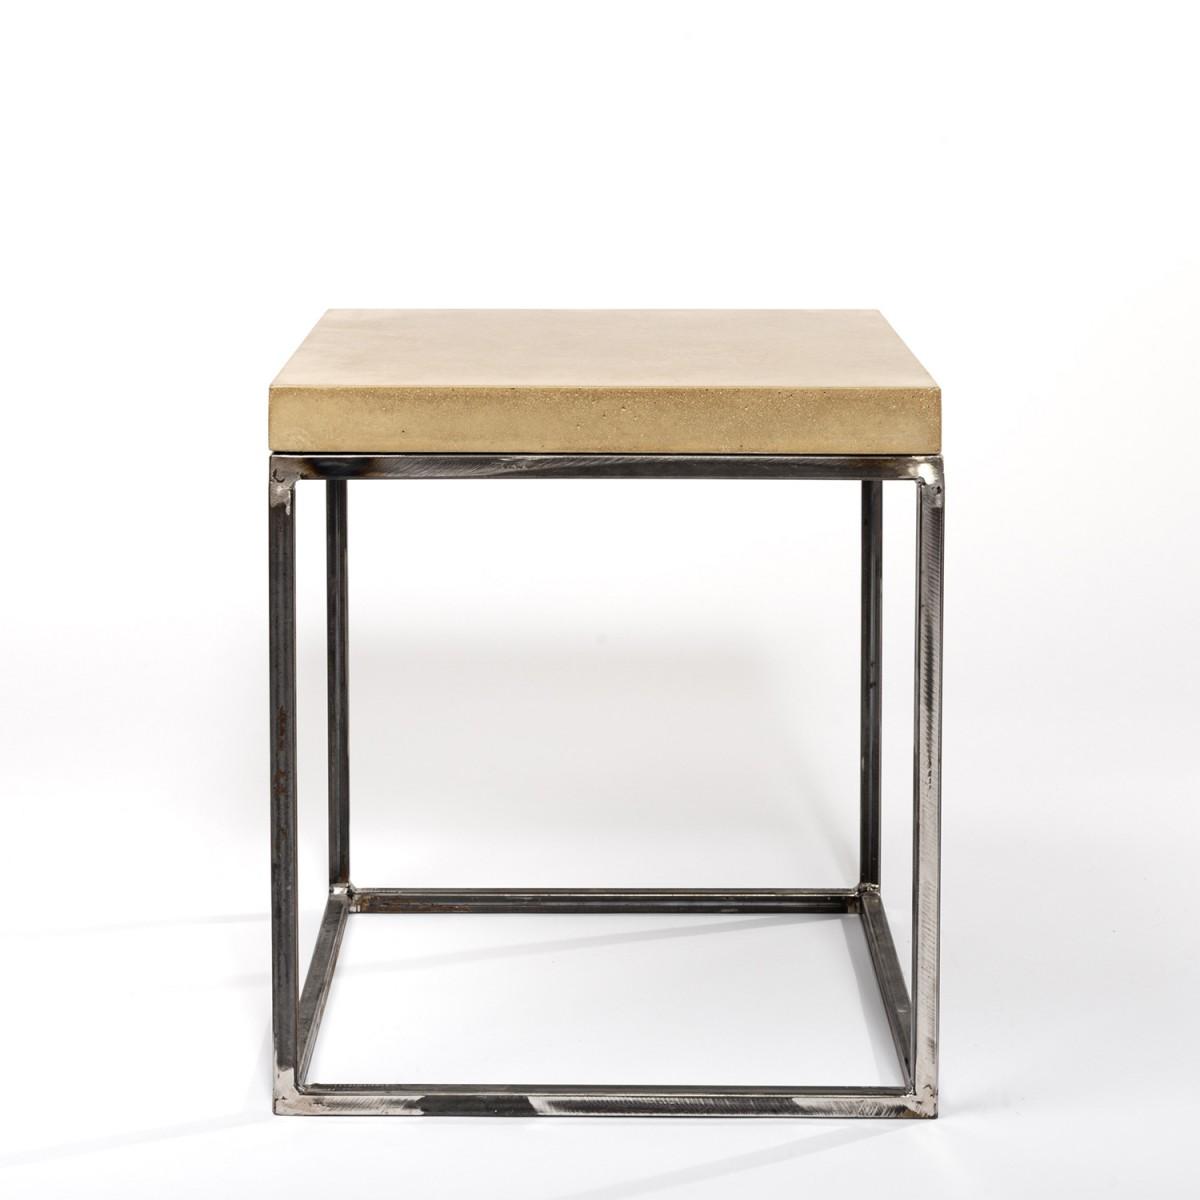 Von Heilig – Beistelltisch aus Beton und Stahl minimalistisch grau